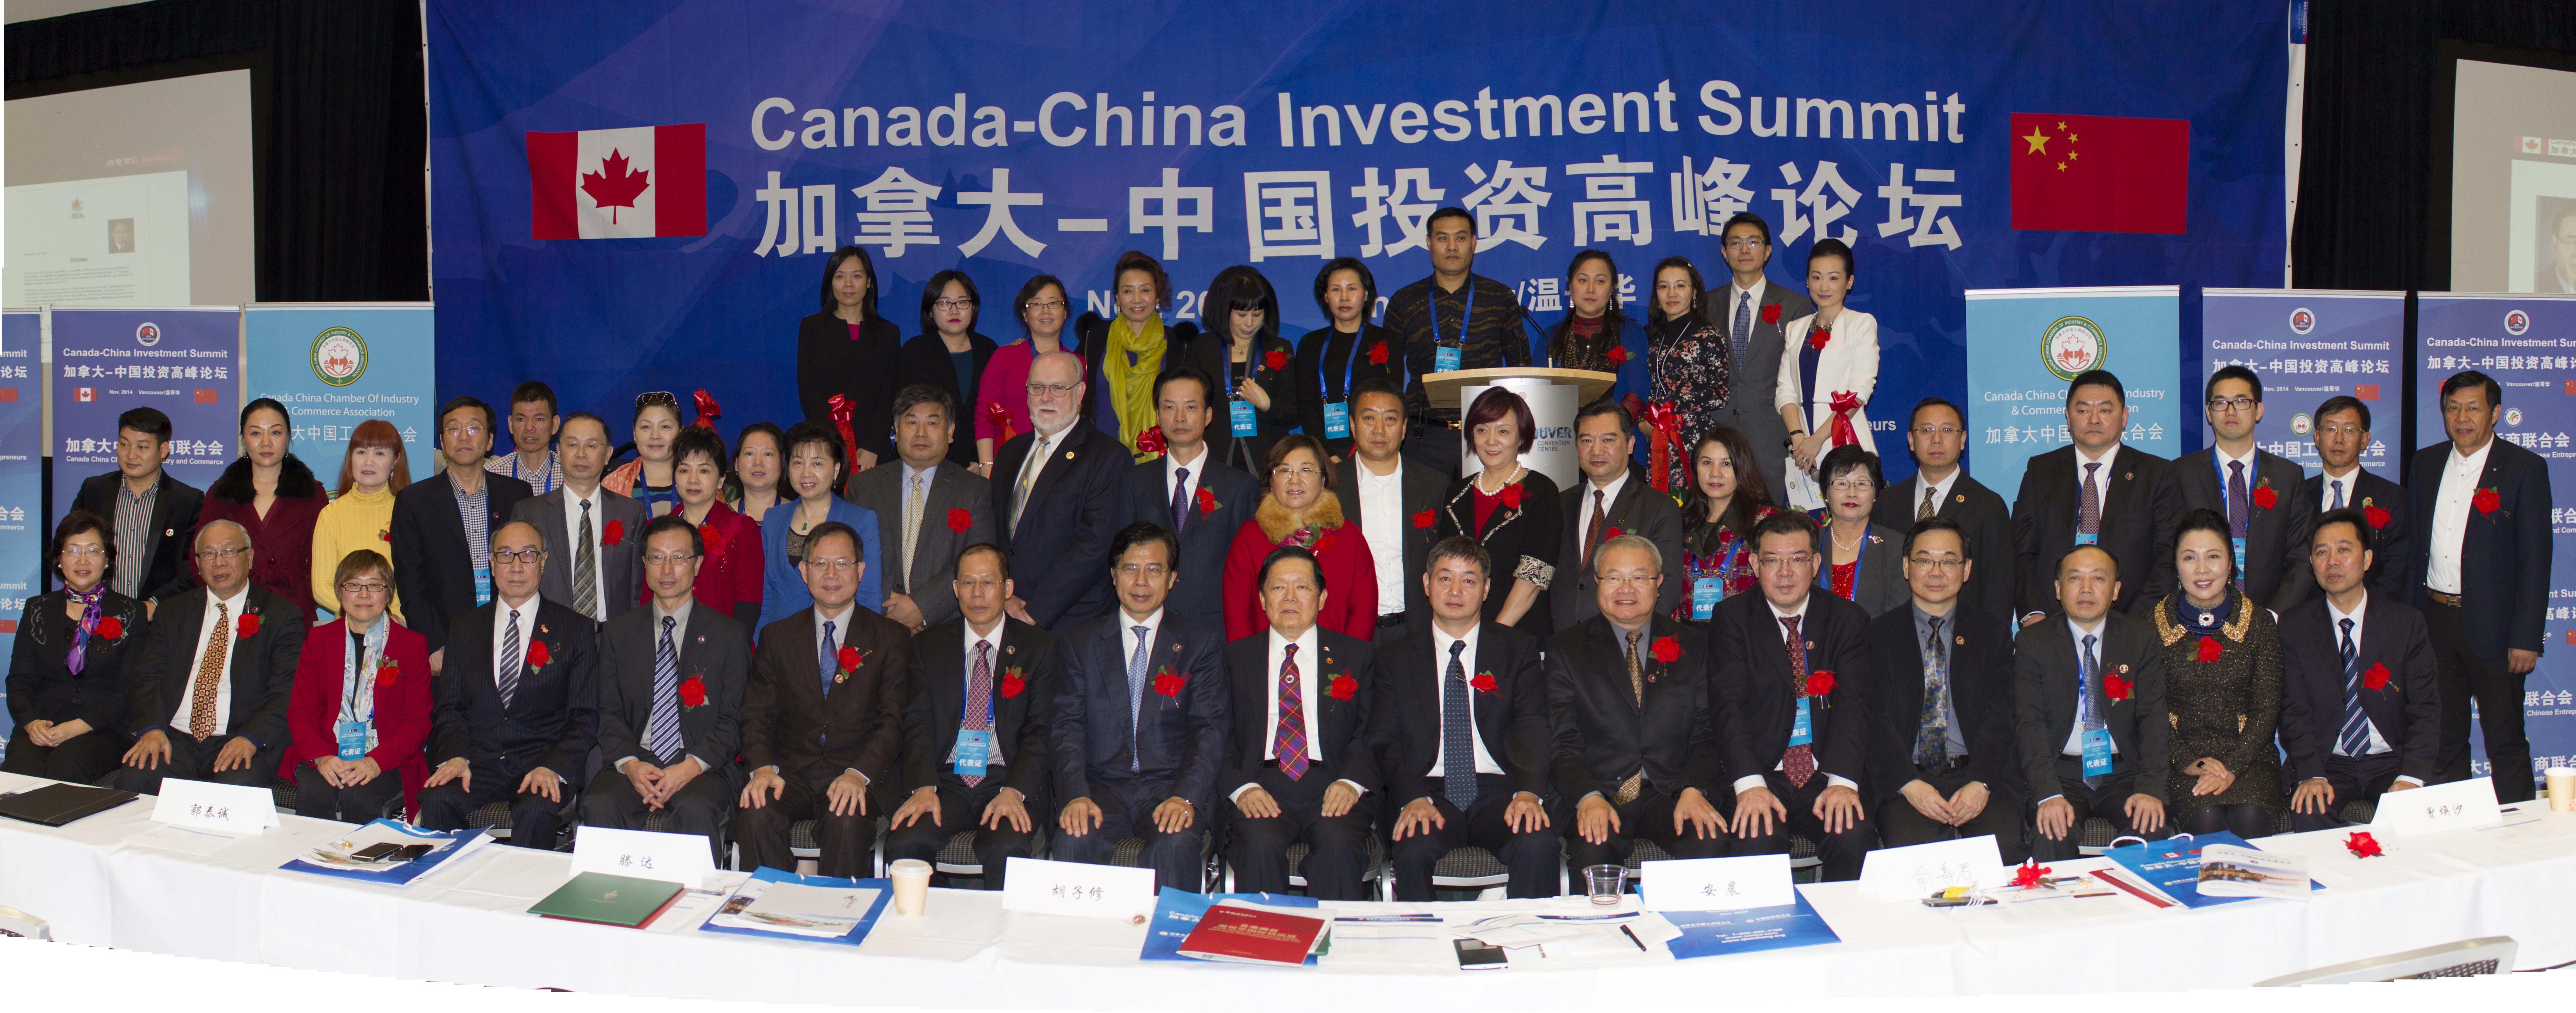 第二届加中投资峰会嘉宾合影